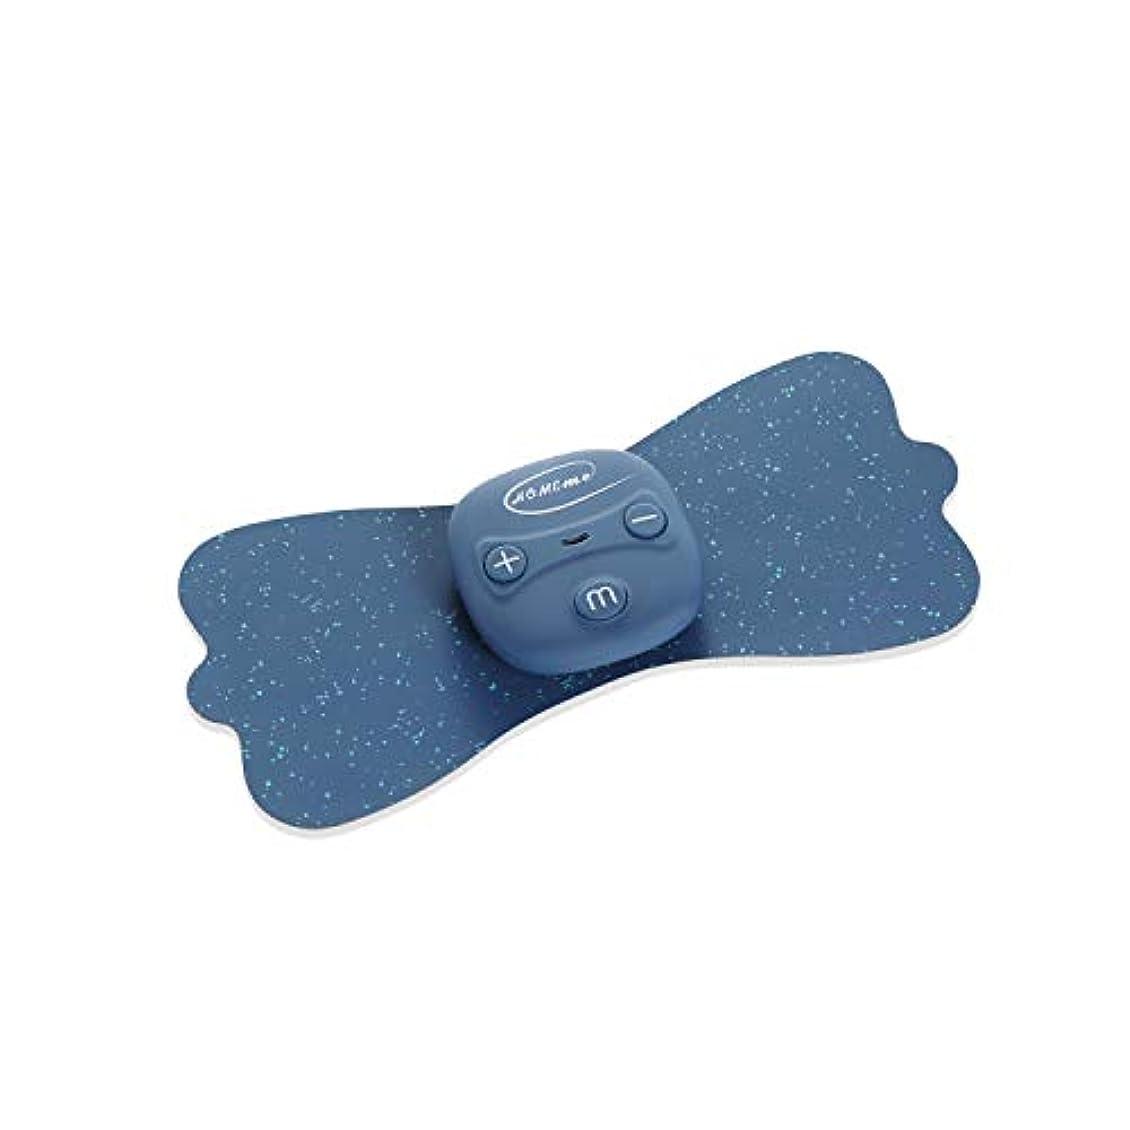 安定しました支払うシャツHOMEME 低周波マッサージパッド 2枚 EMSパッド 15段階調節 6つモード 腰マッサージ usb充電式 筋疲労回復 一年保証 首/肩/腰/背中/手/足向け